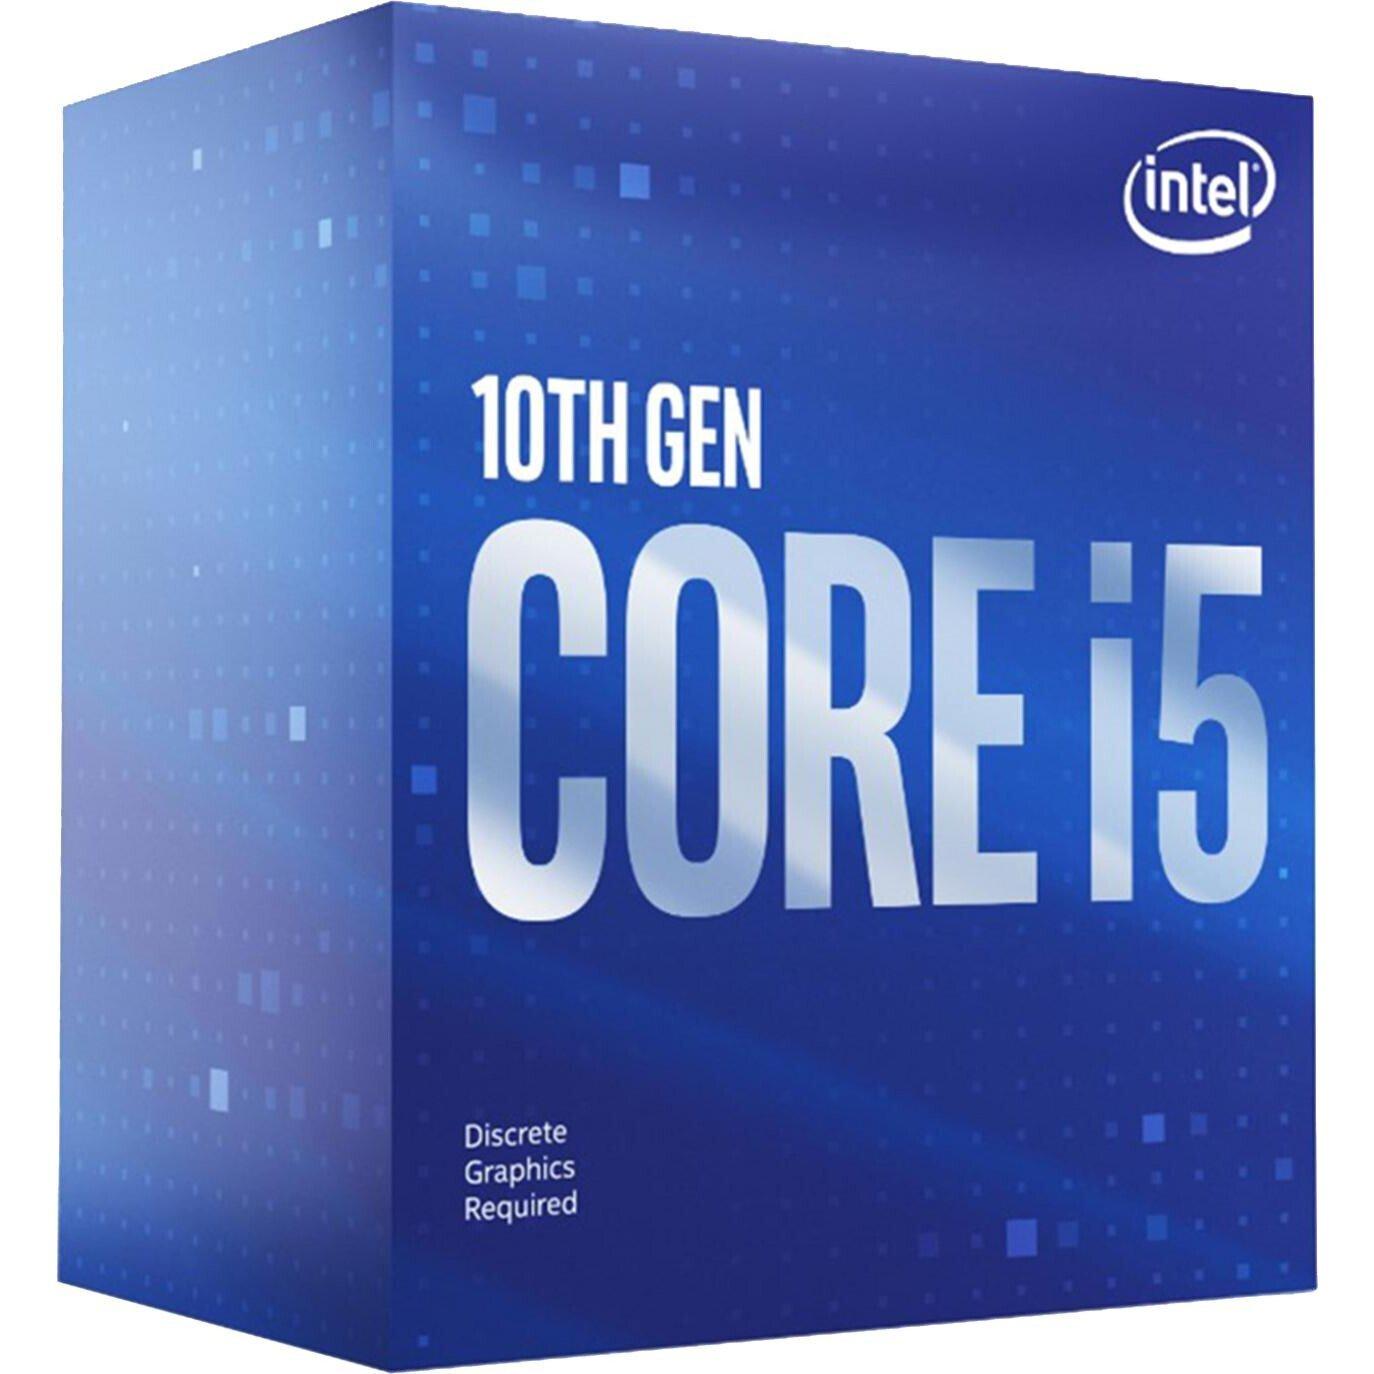 Процесор Intel Core i5-10400F 6/12 2.9GHz (BX8070110400F) фото1